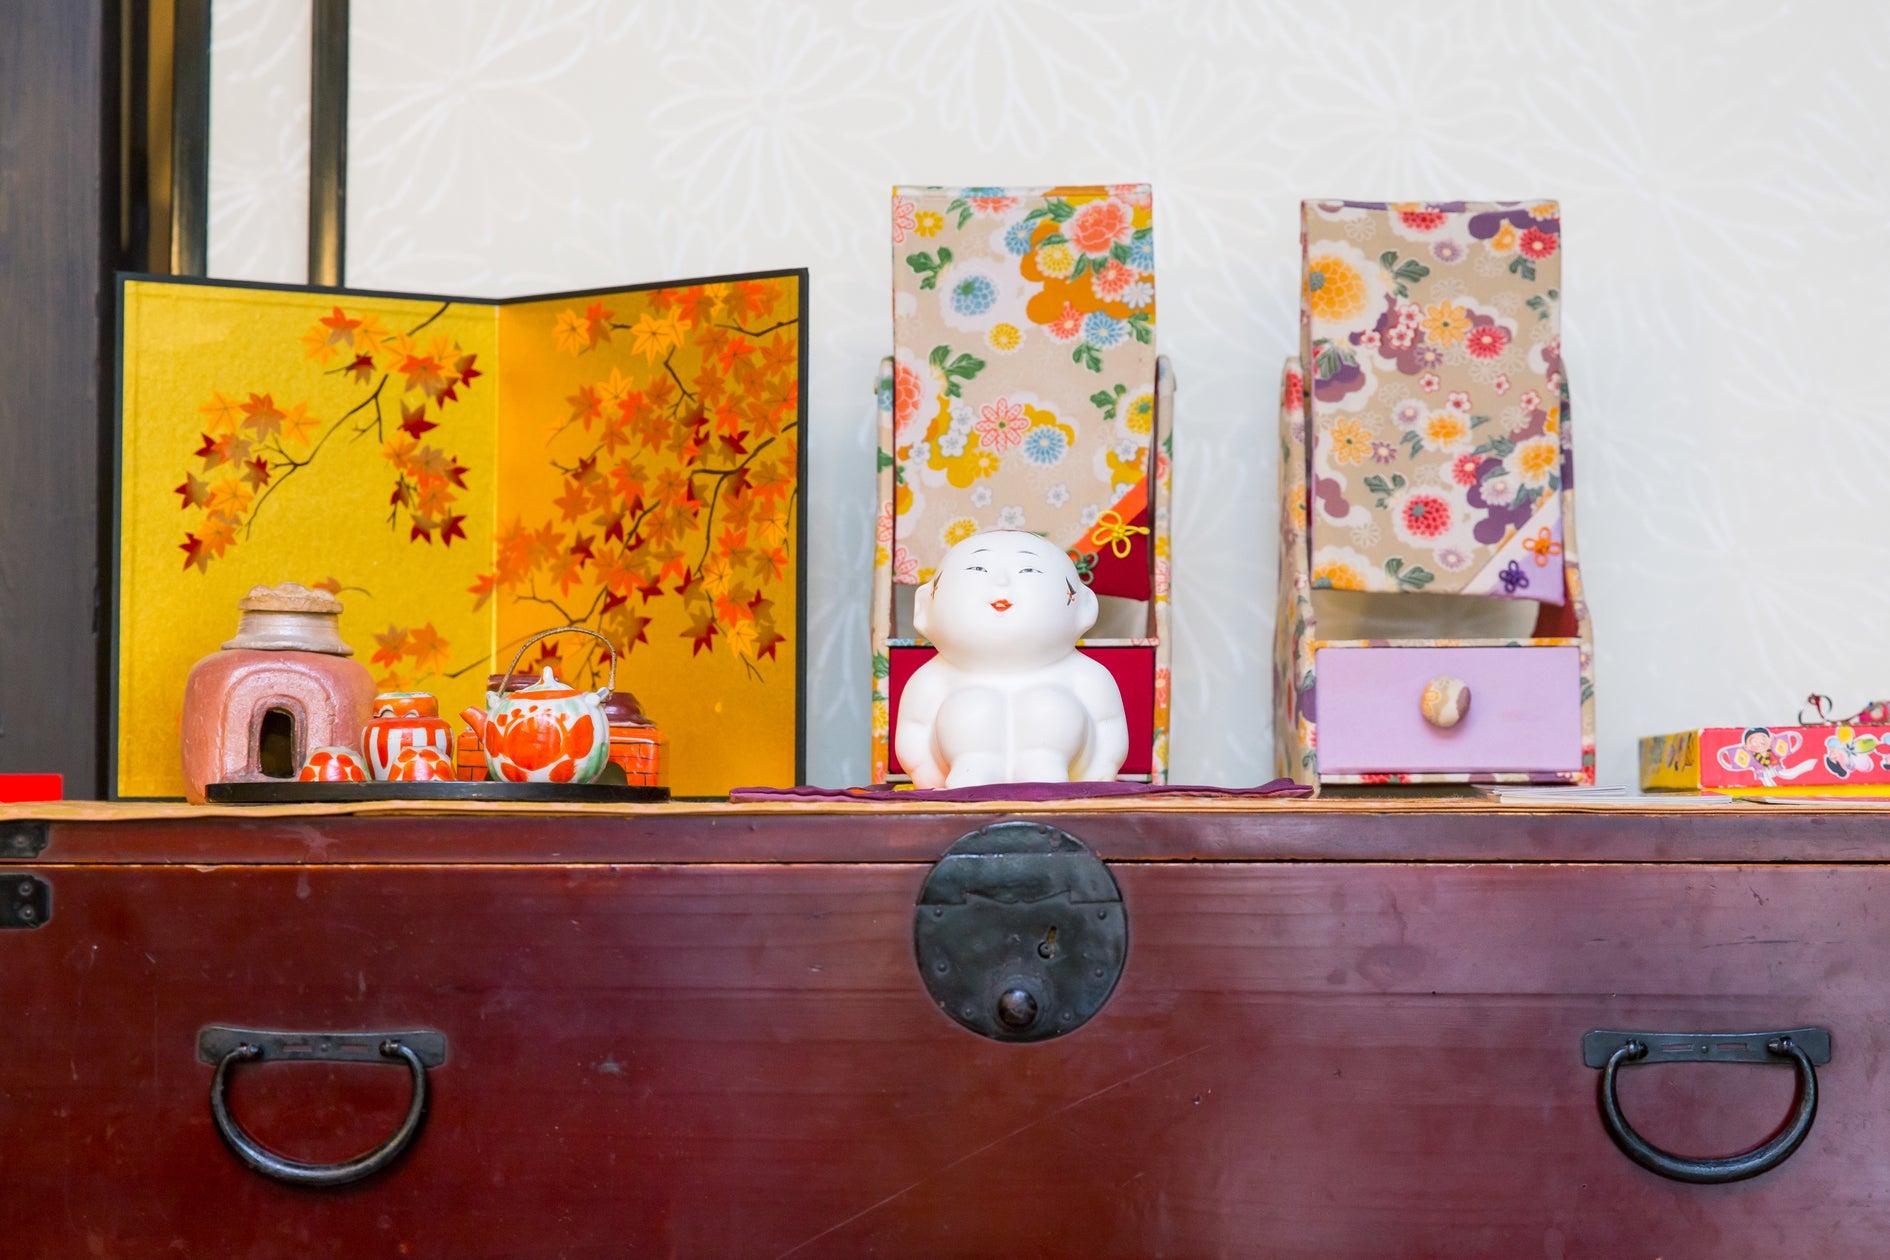 京都駅から徒歩5分!伏見稲荷5分!奈良まで30分! 駅近くなのに夜は静か。 京町家で坪庭と日本遺産認定の信楽焼のお風呂を楽しむ! のサムネイル